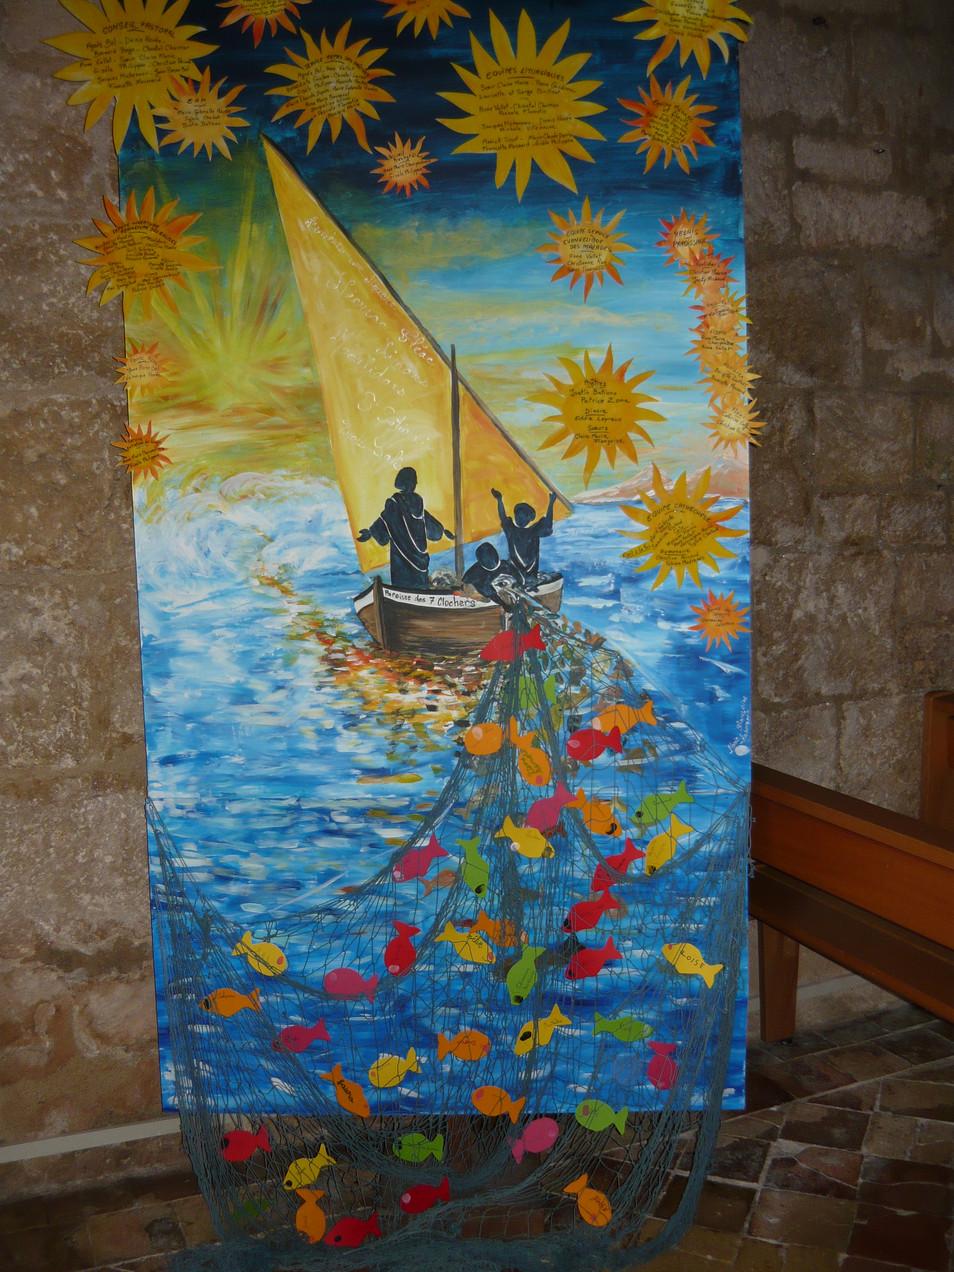 panneau affichage paroisse des 7 clochers